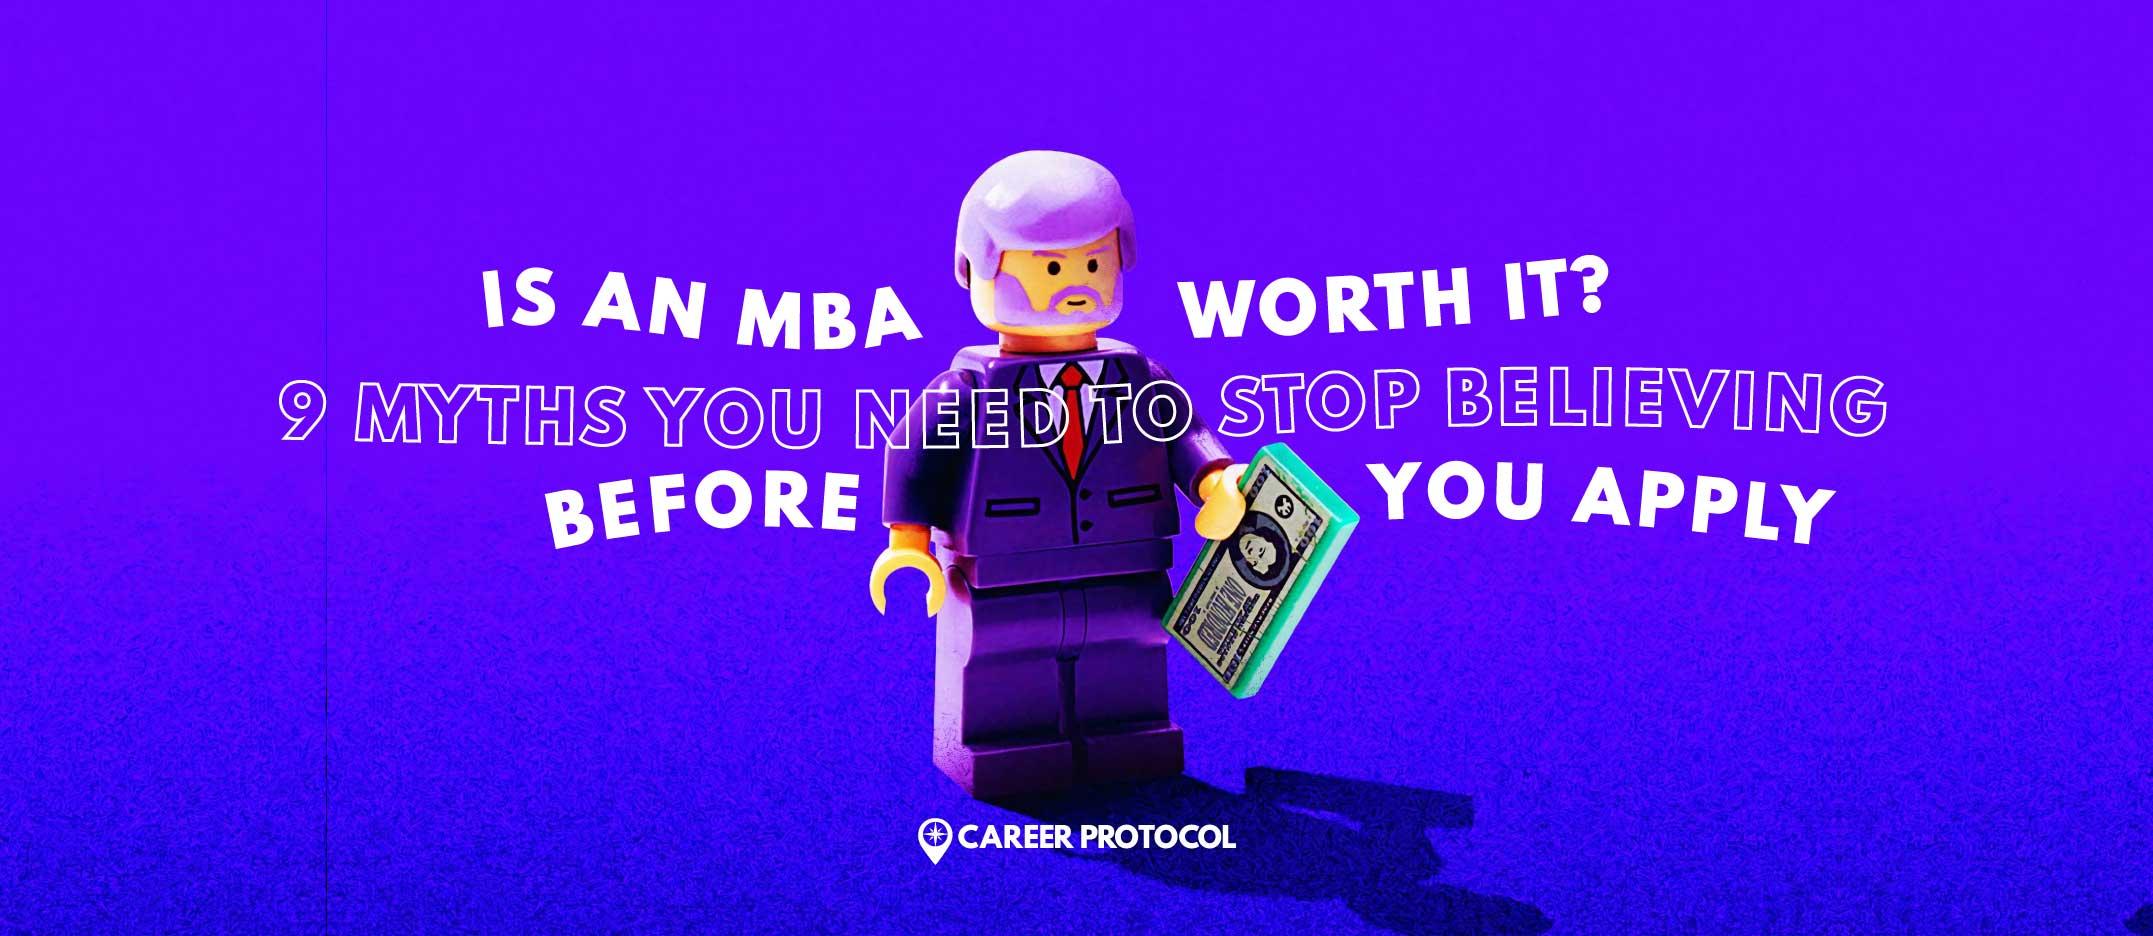 Career Protocol Blog Post